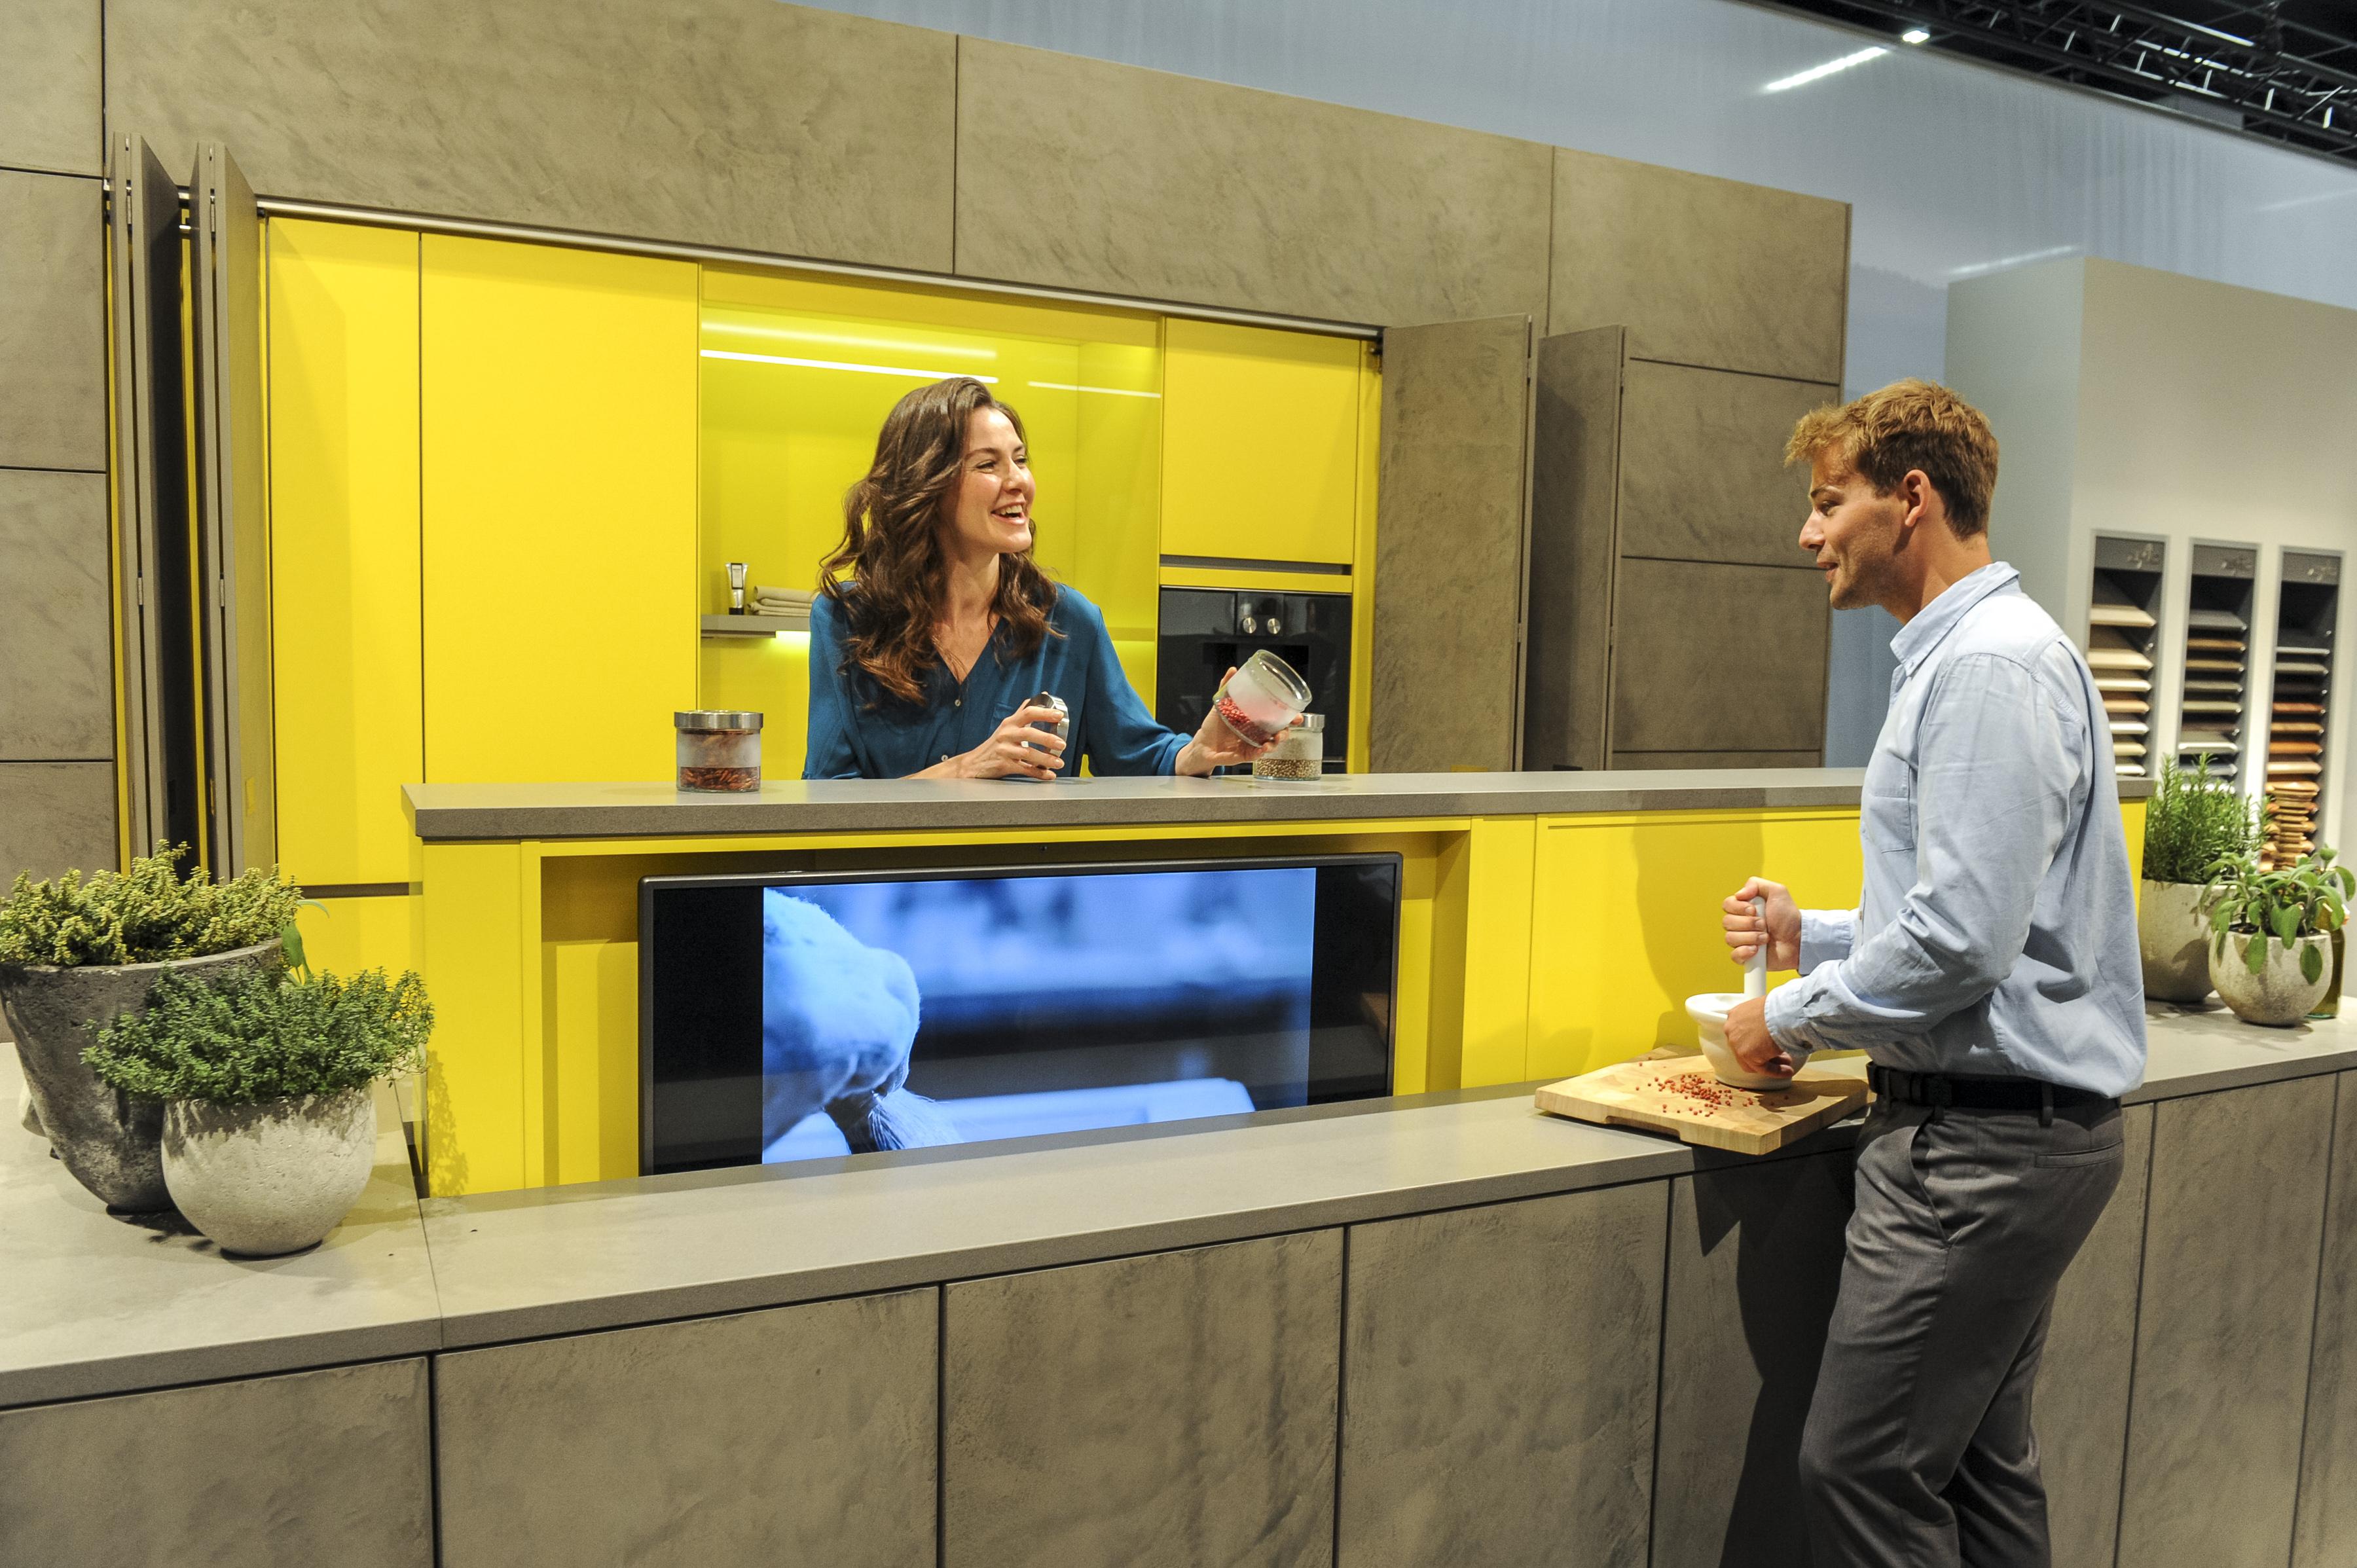 European Kitchen Design | european-kitchen-design.com